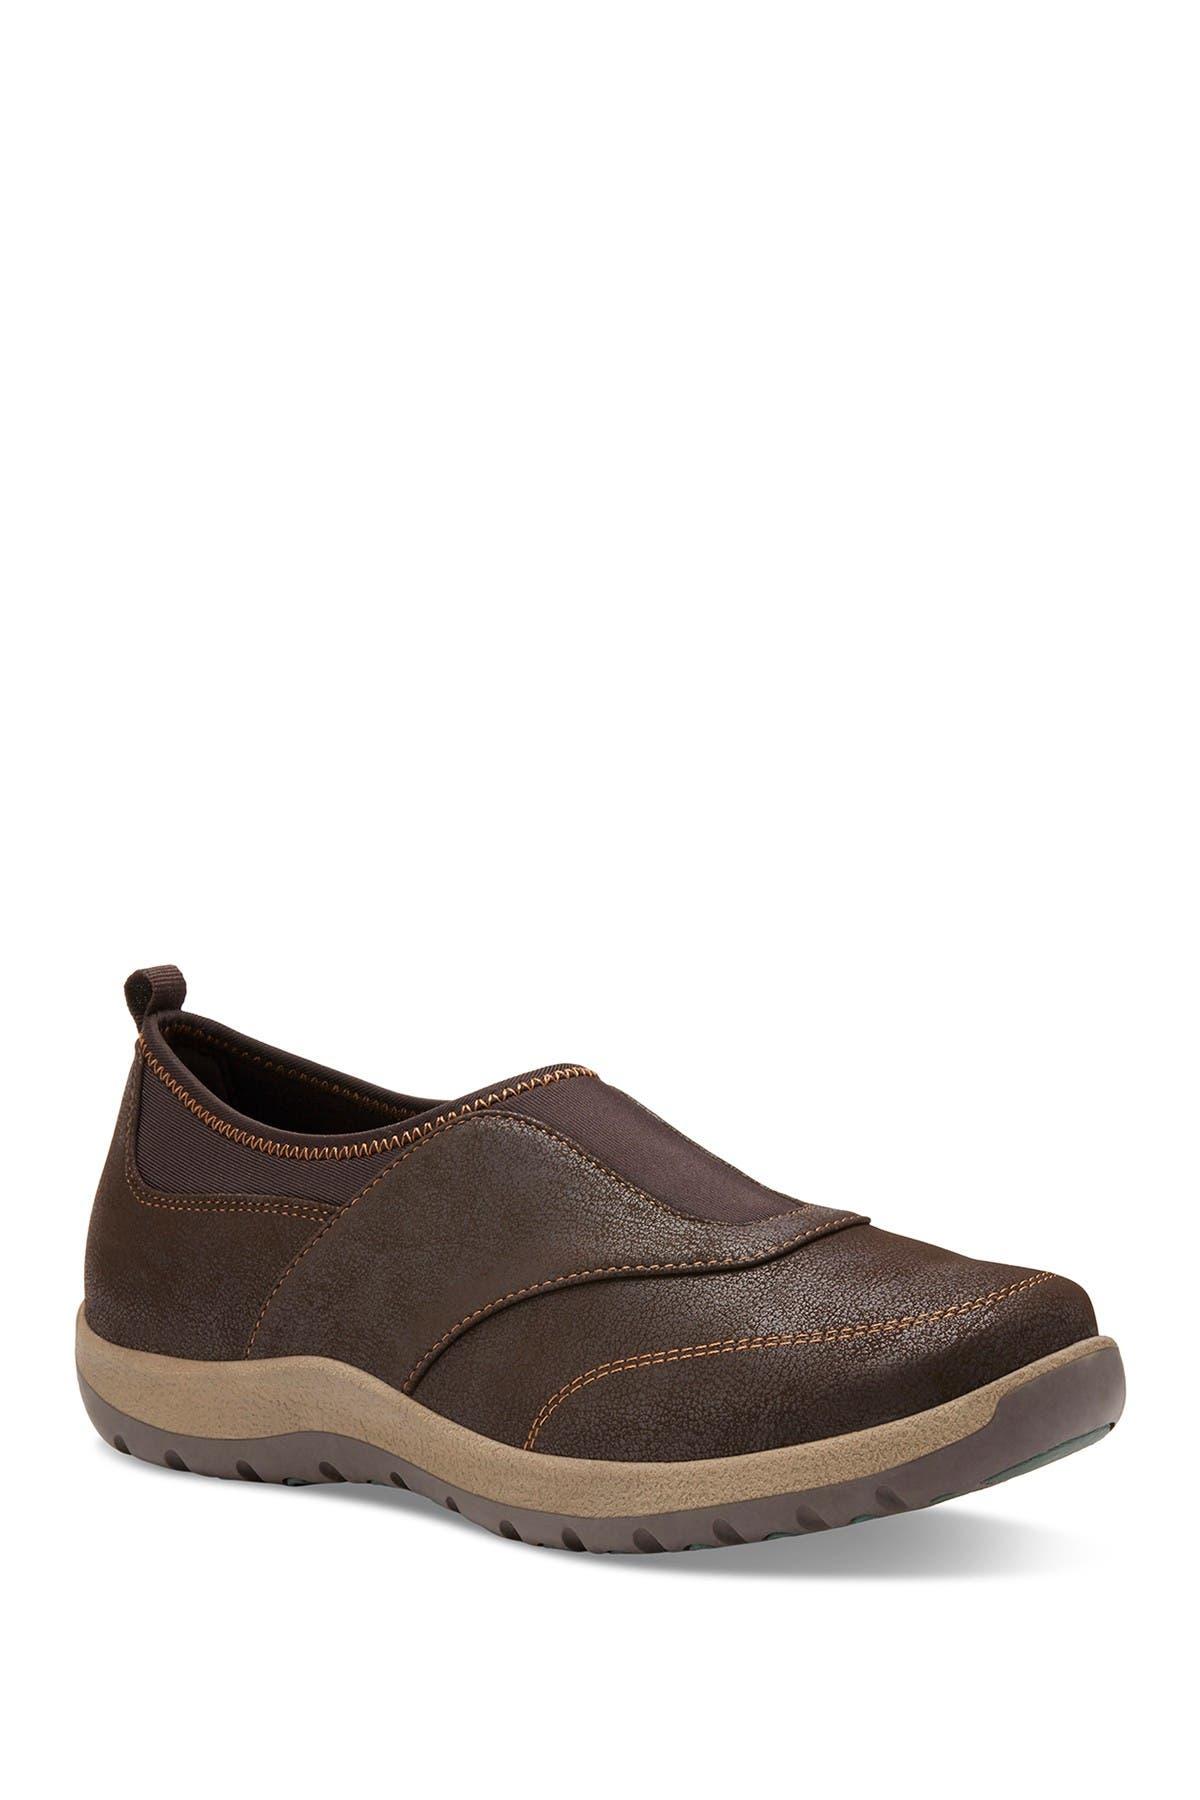 Image of Eastland Loretta Slip-On Sneaker